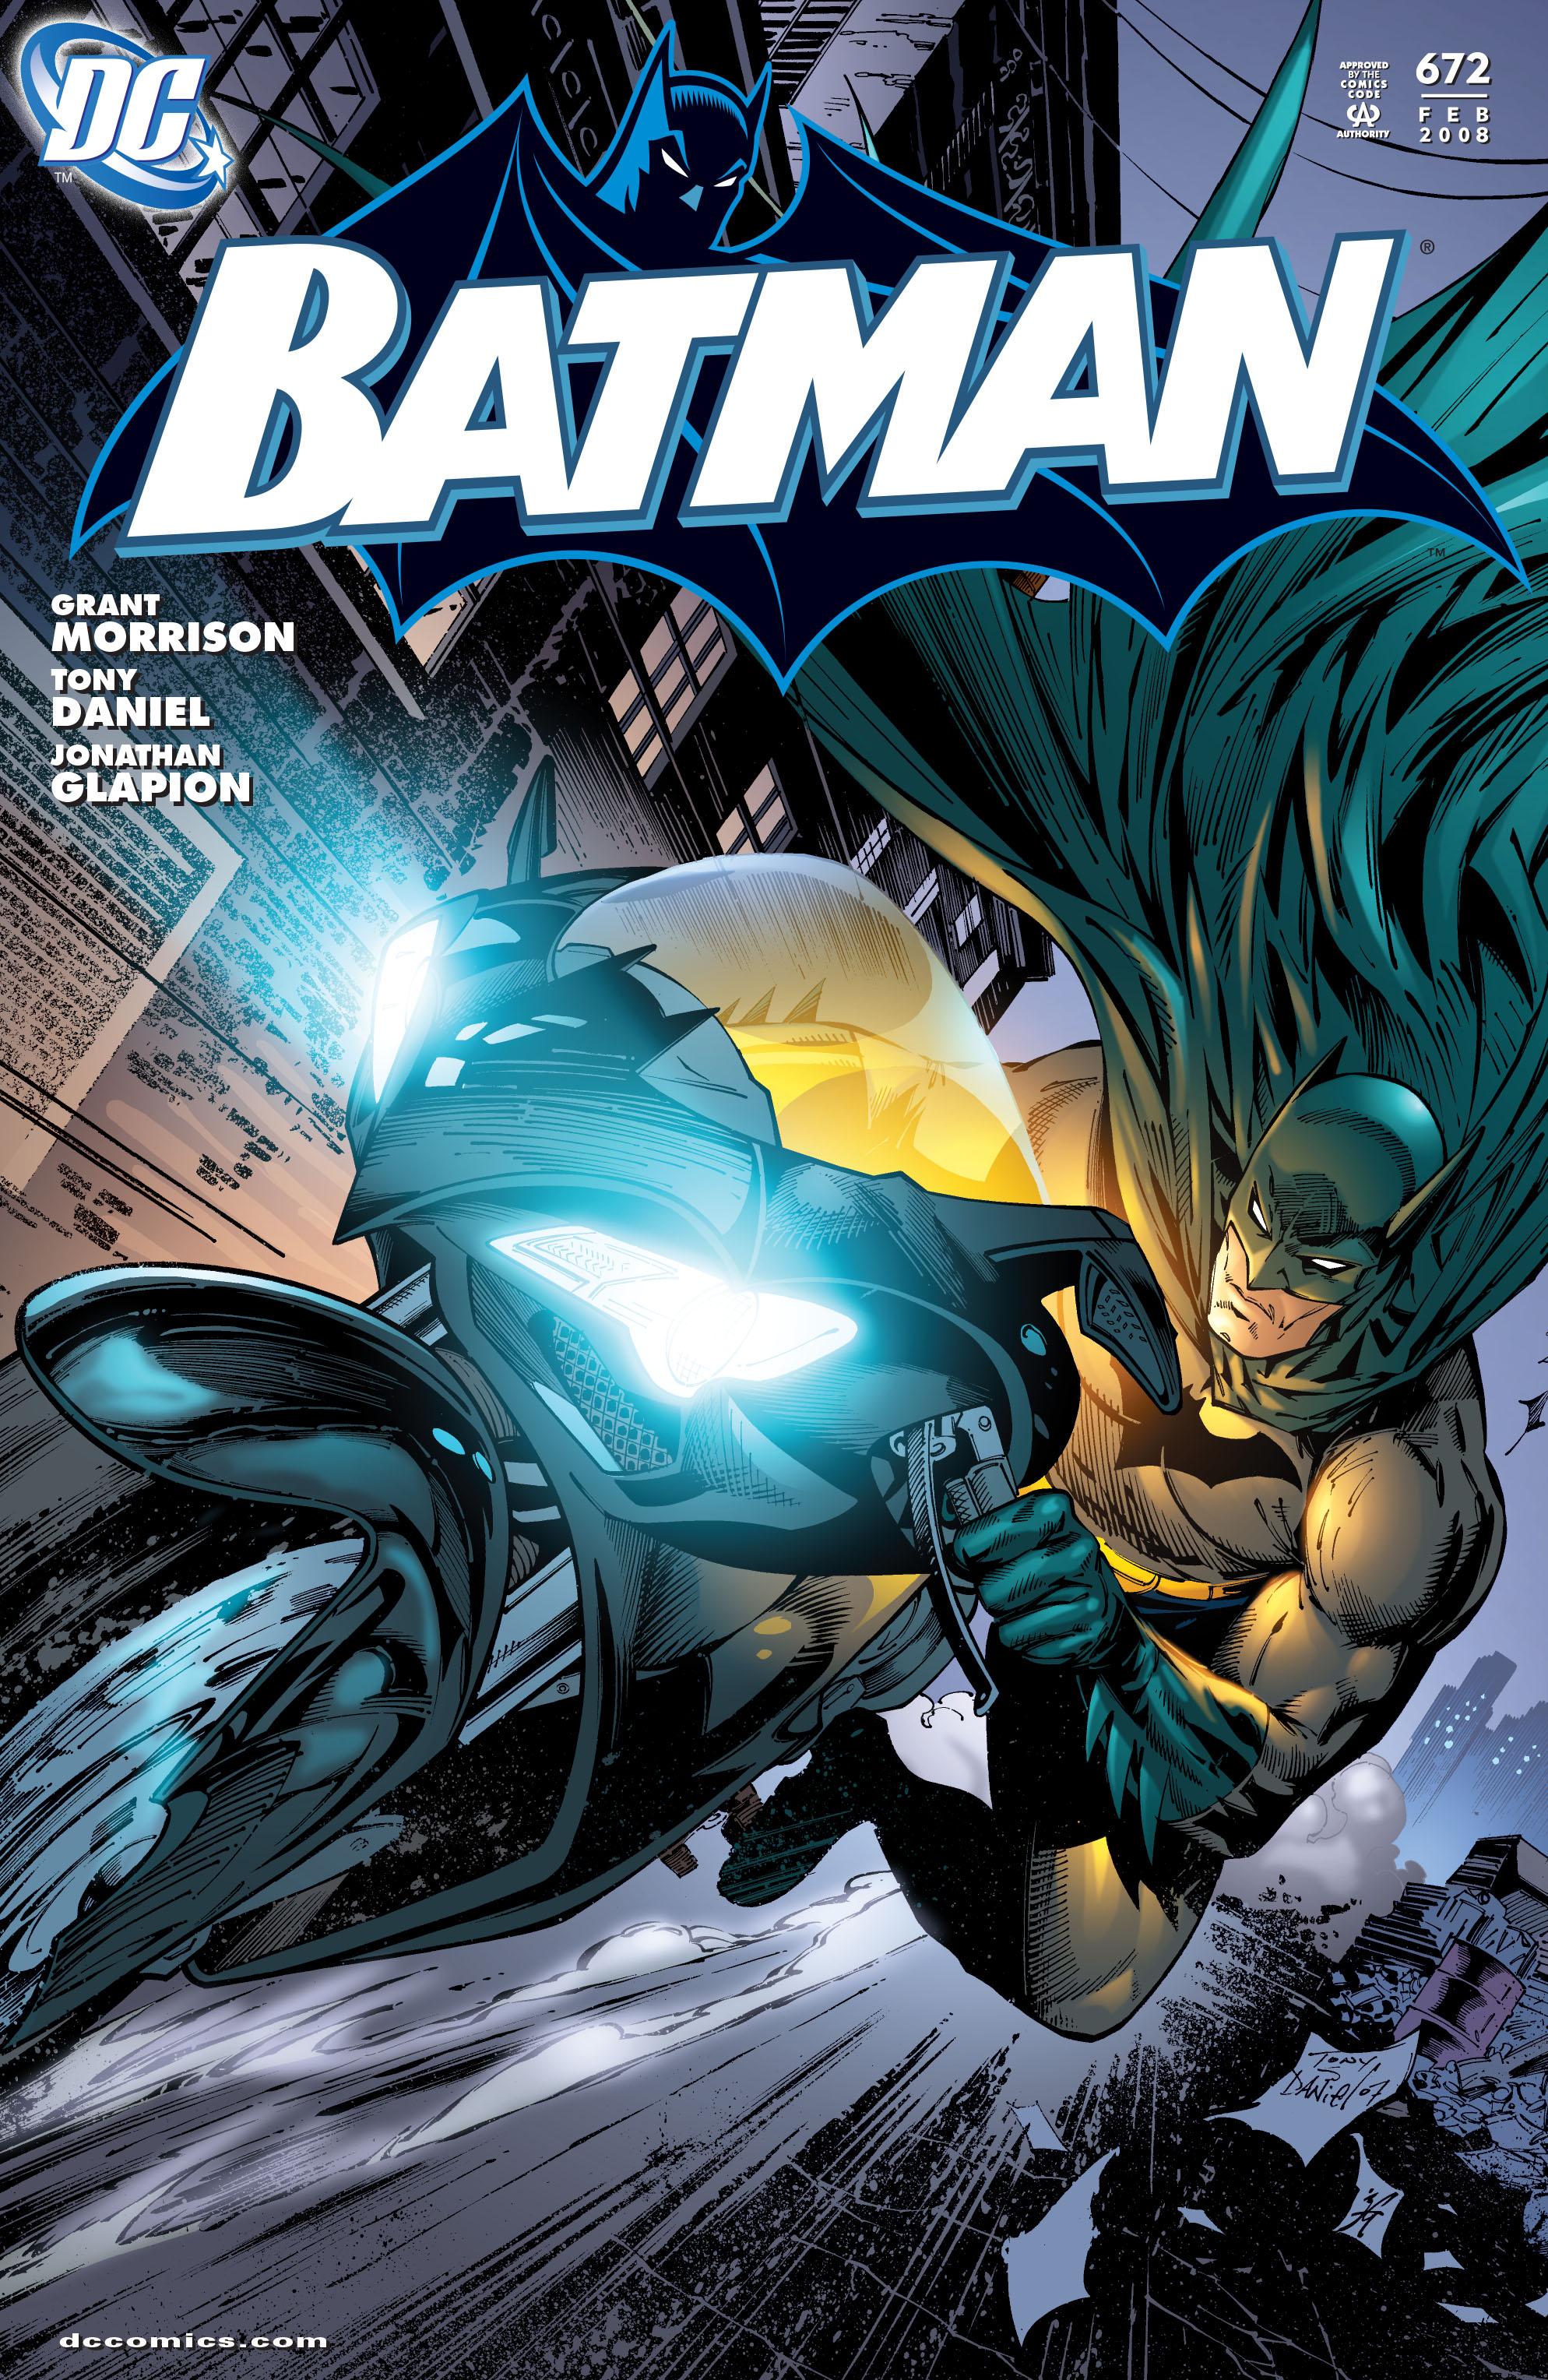 Batman (1940) 672 Page 1